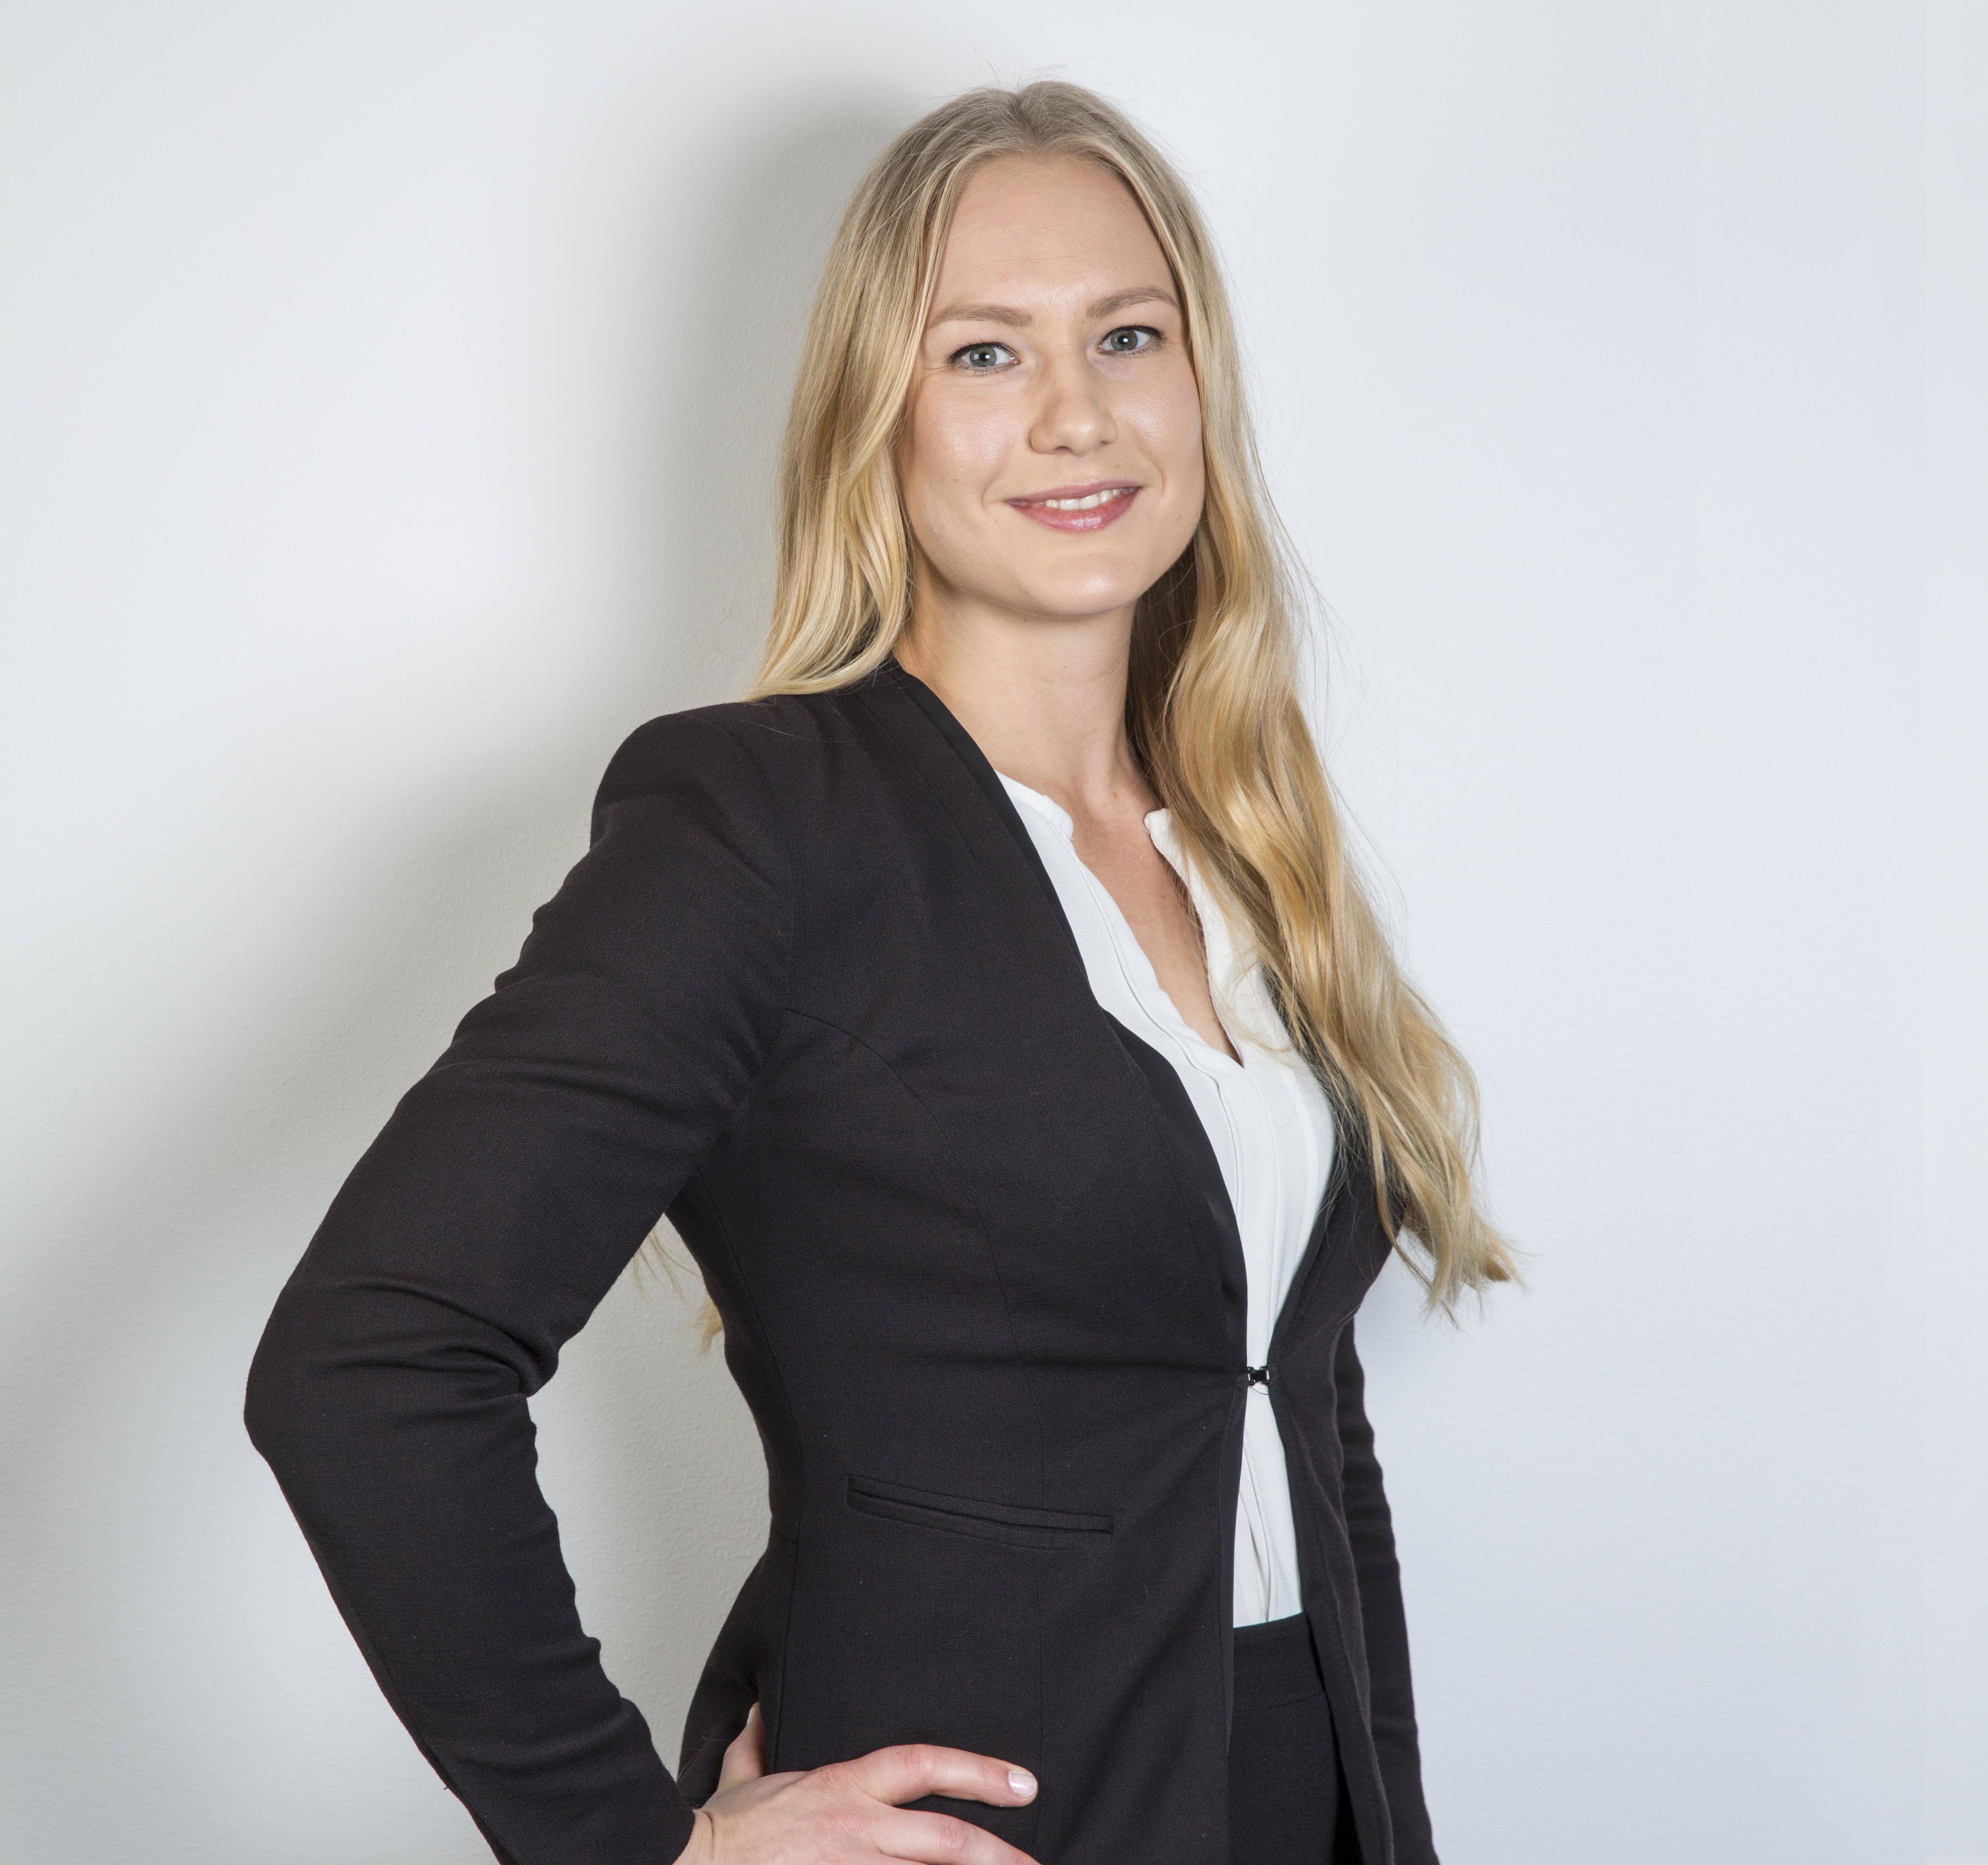 Sara Rosvall